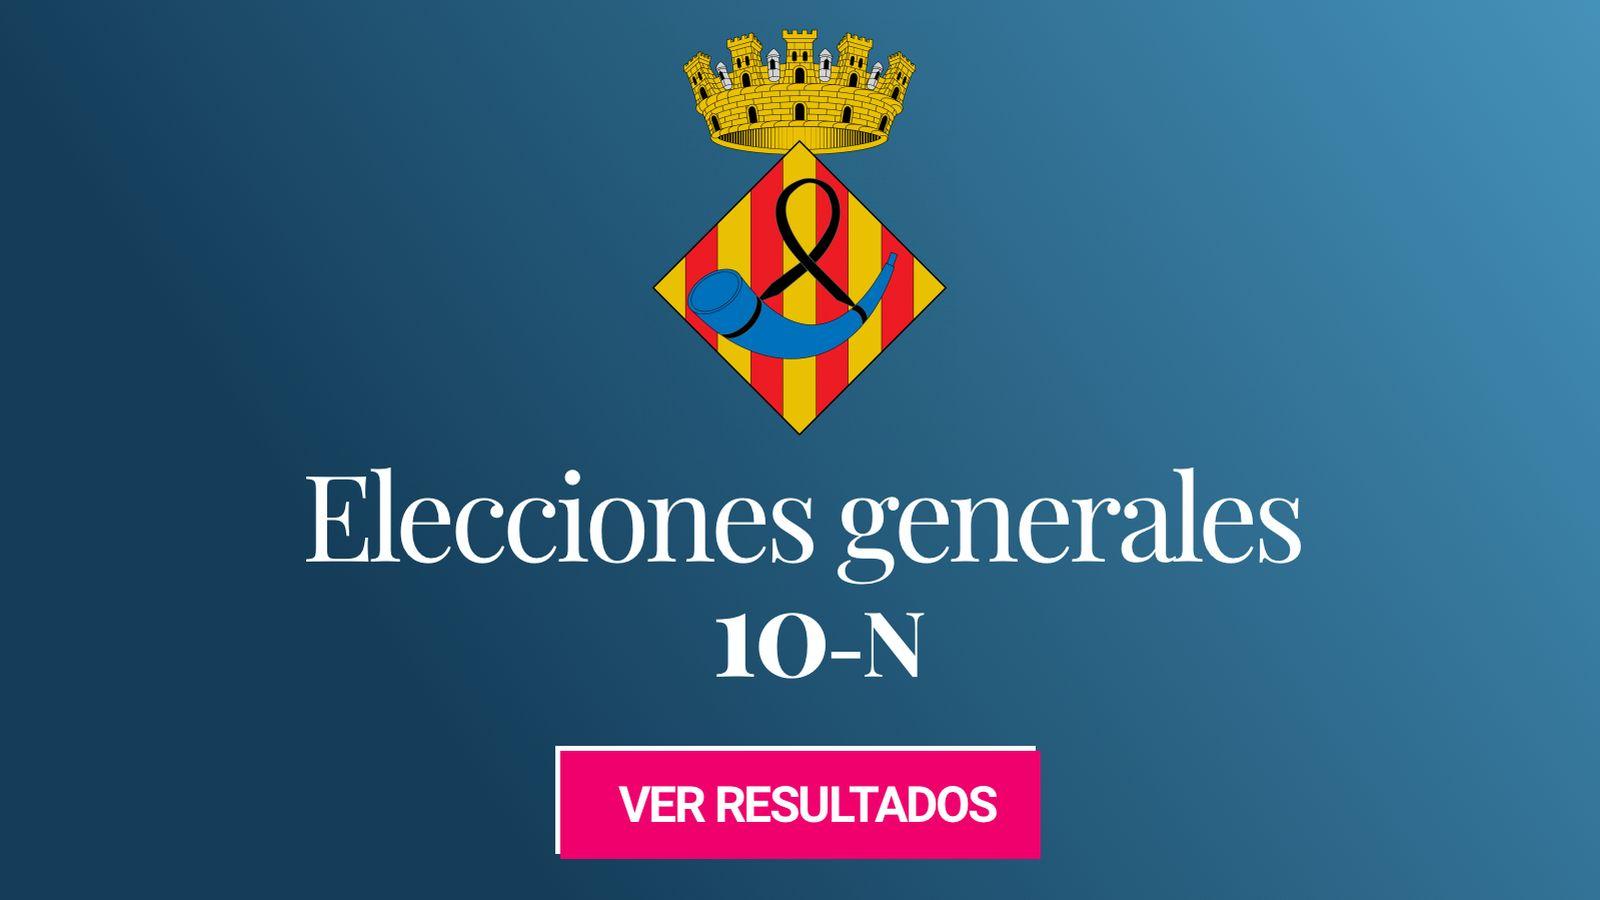 Foto: Elecciones generales 2019 en Cornellà de Llobregat. (C.C./EC)